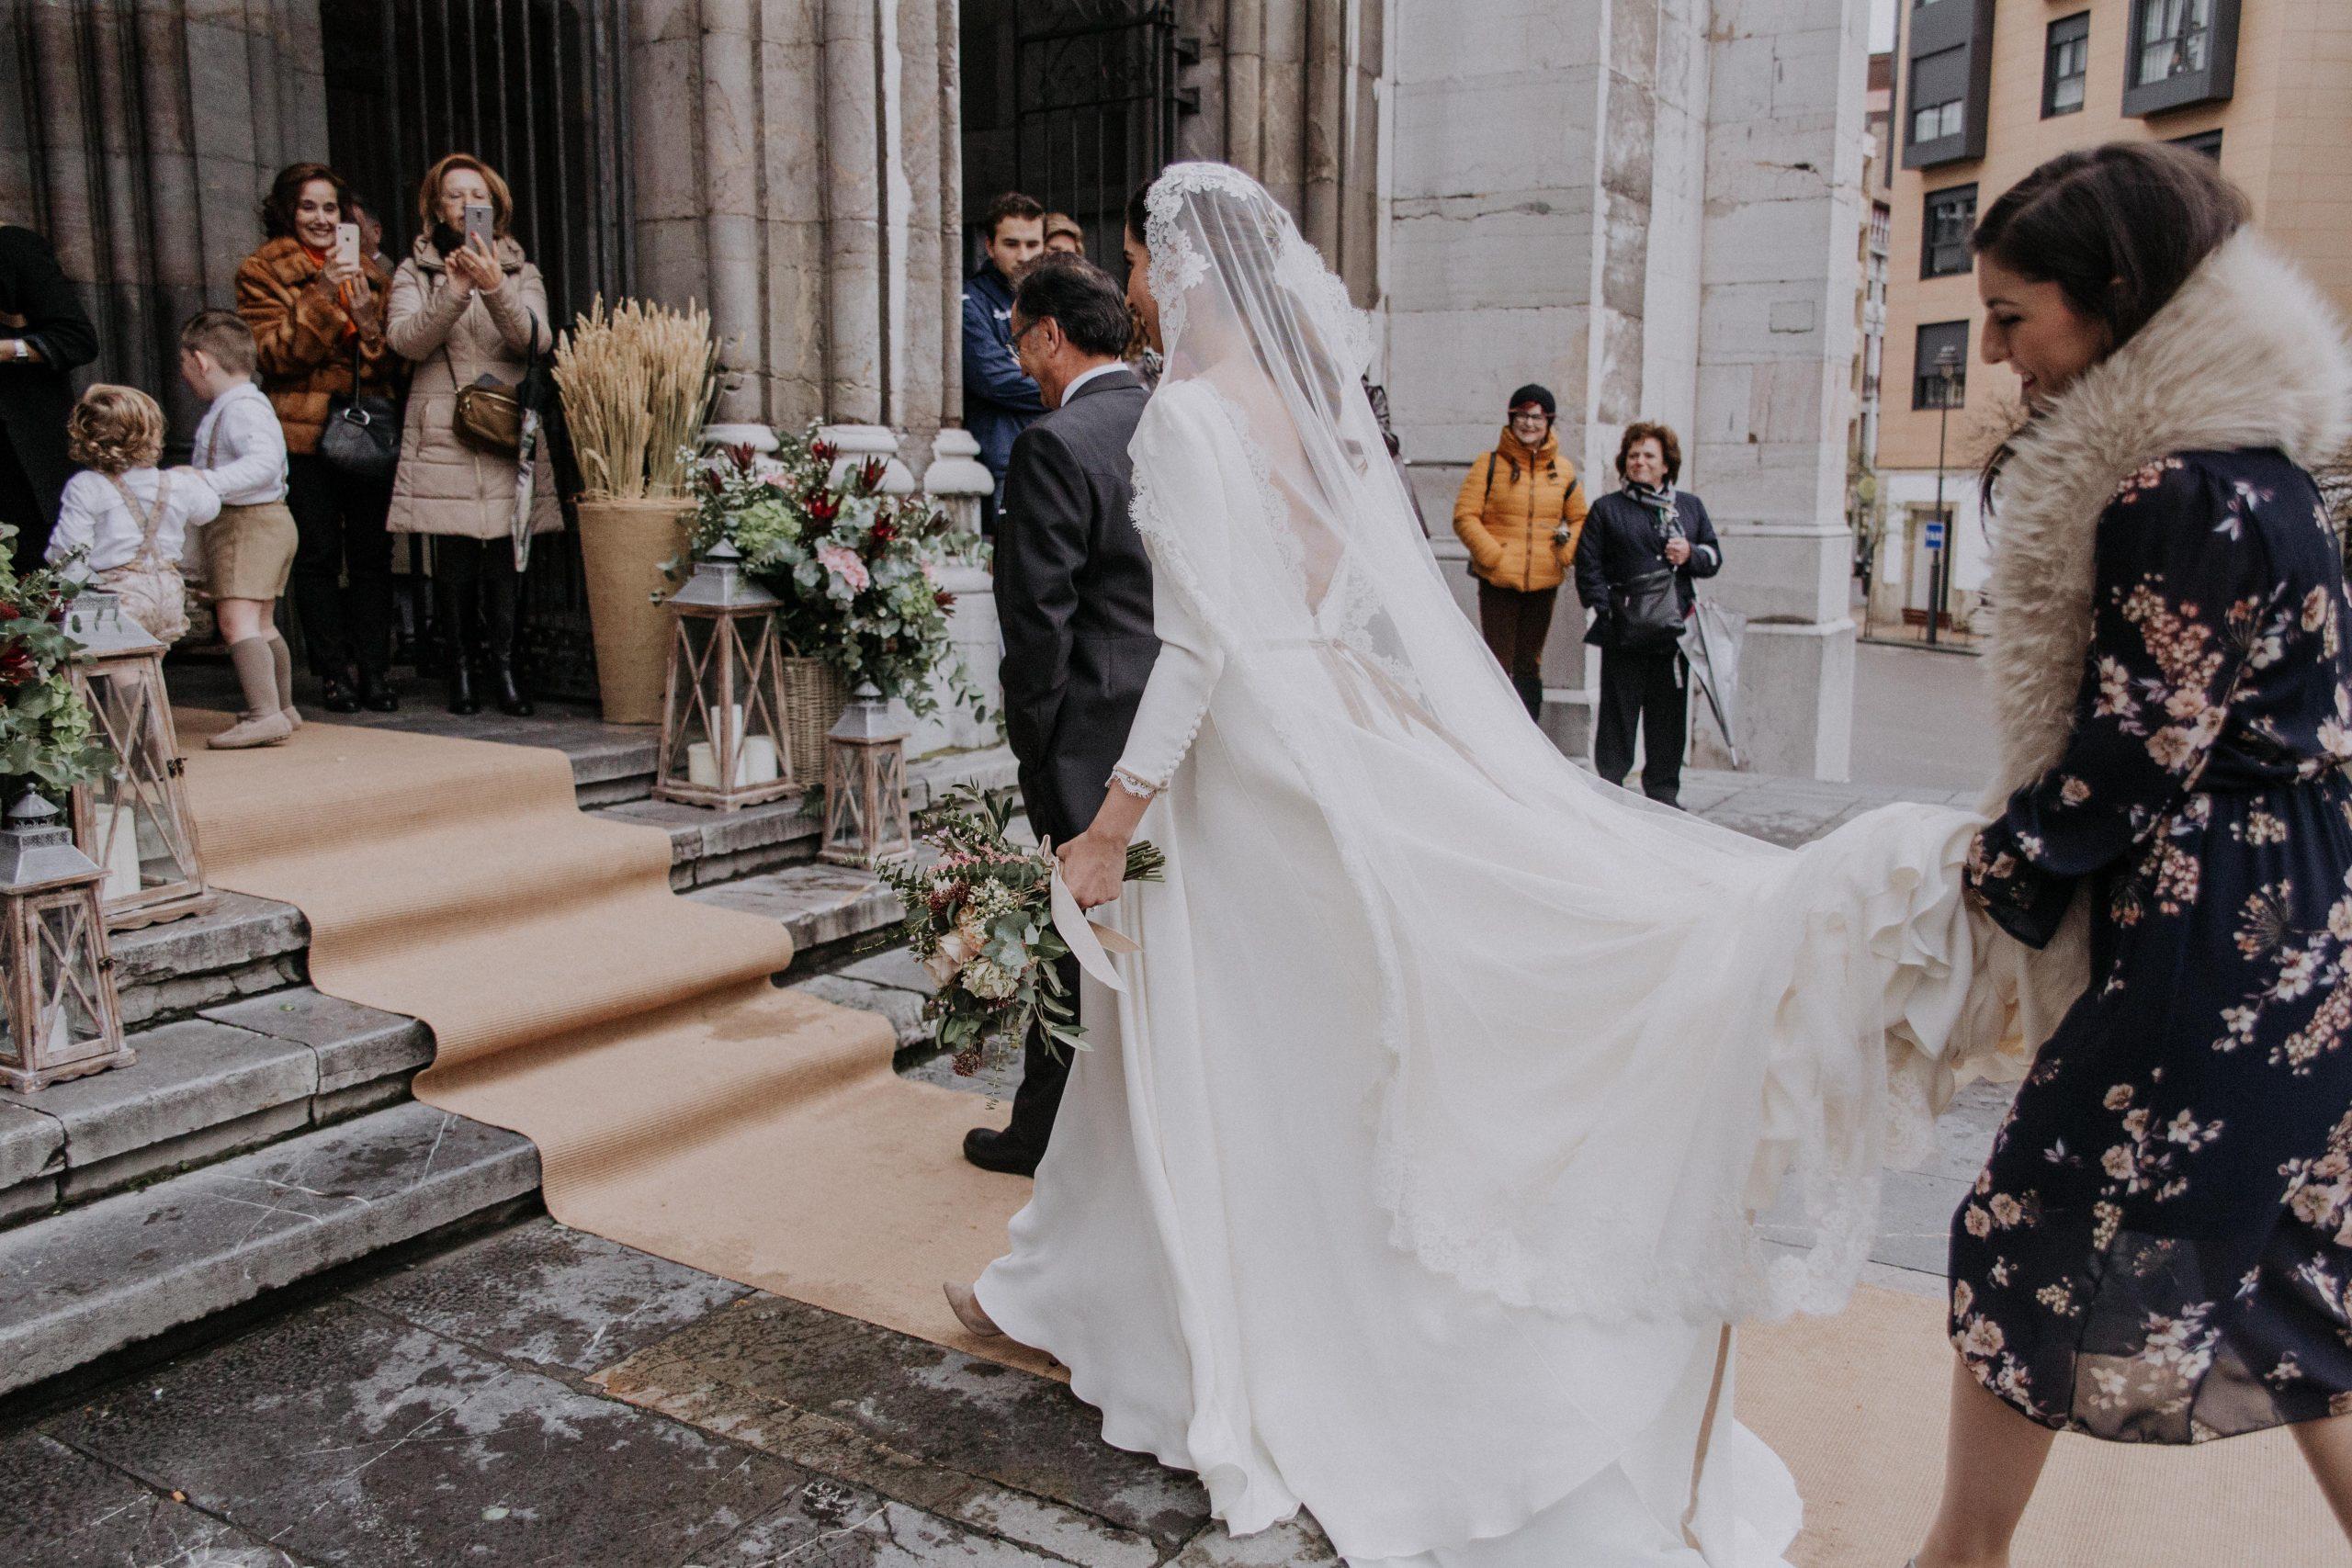 leymar-floristas-novias-asturias-aviles-ramos-bodas-decoracion-iglesia-mesas-novia (52)